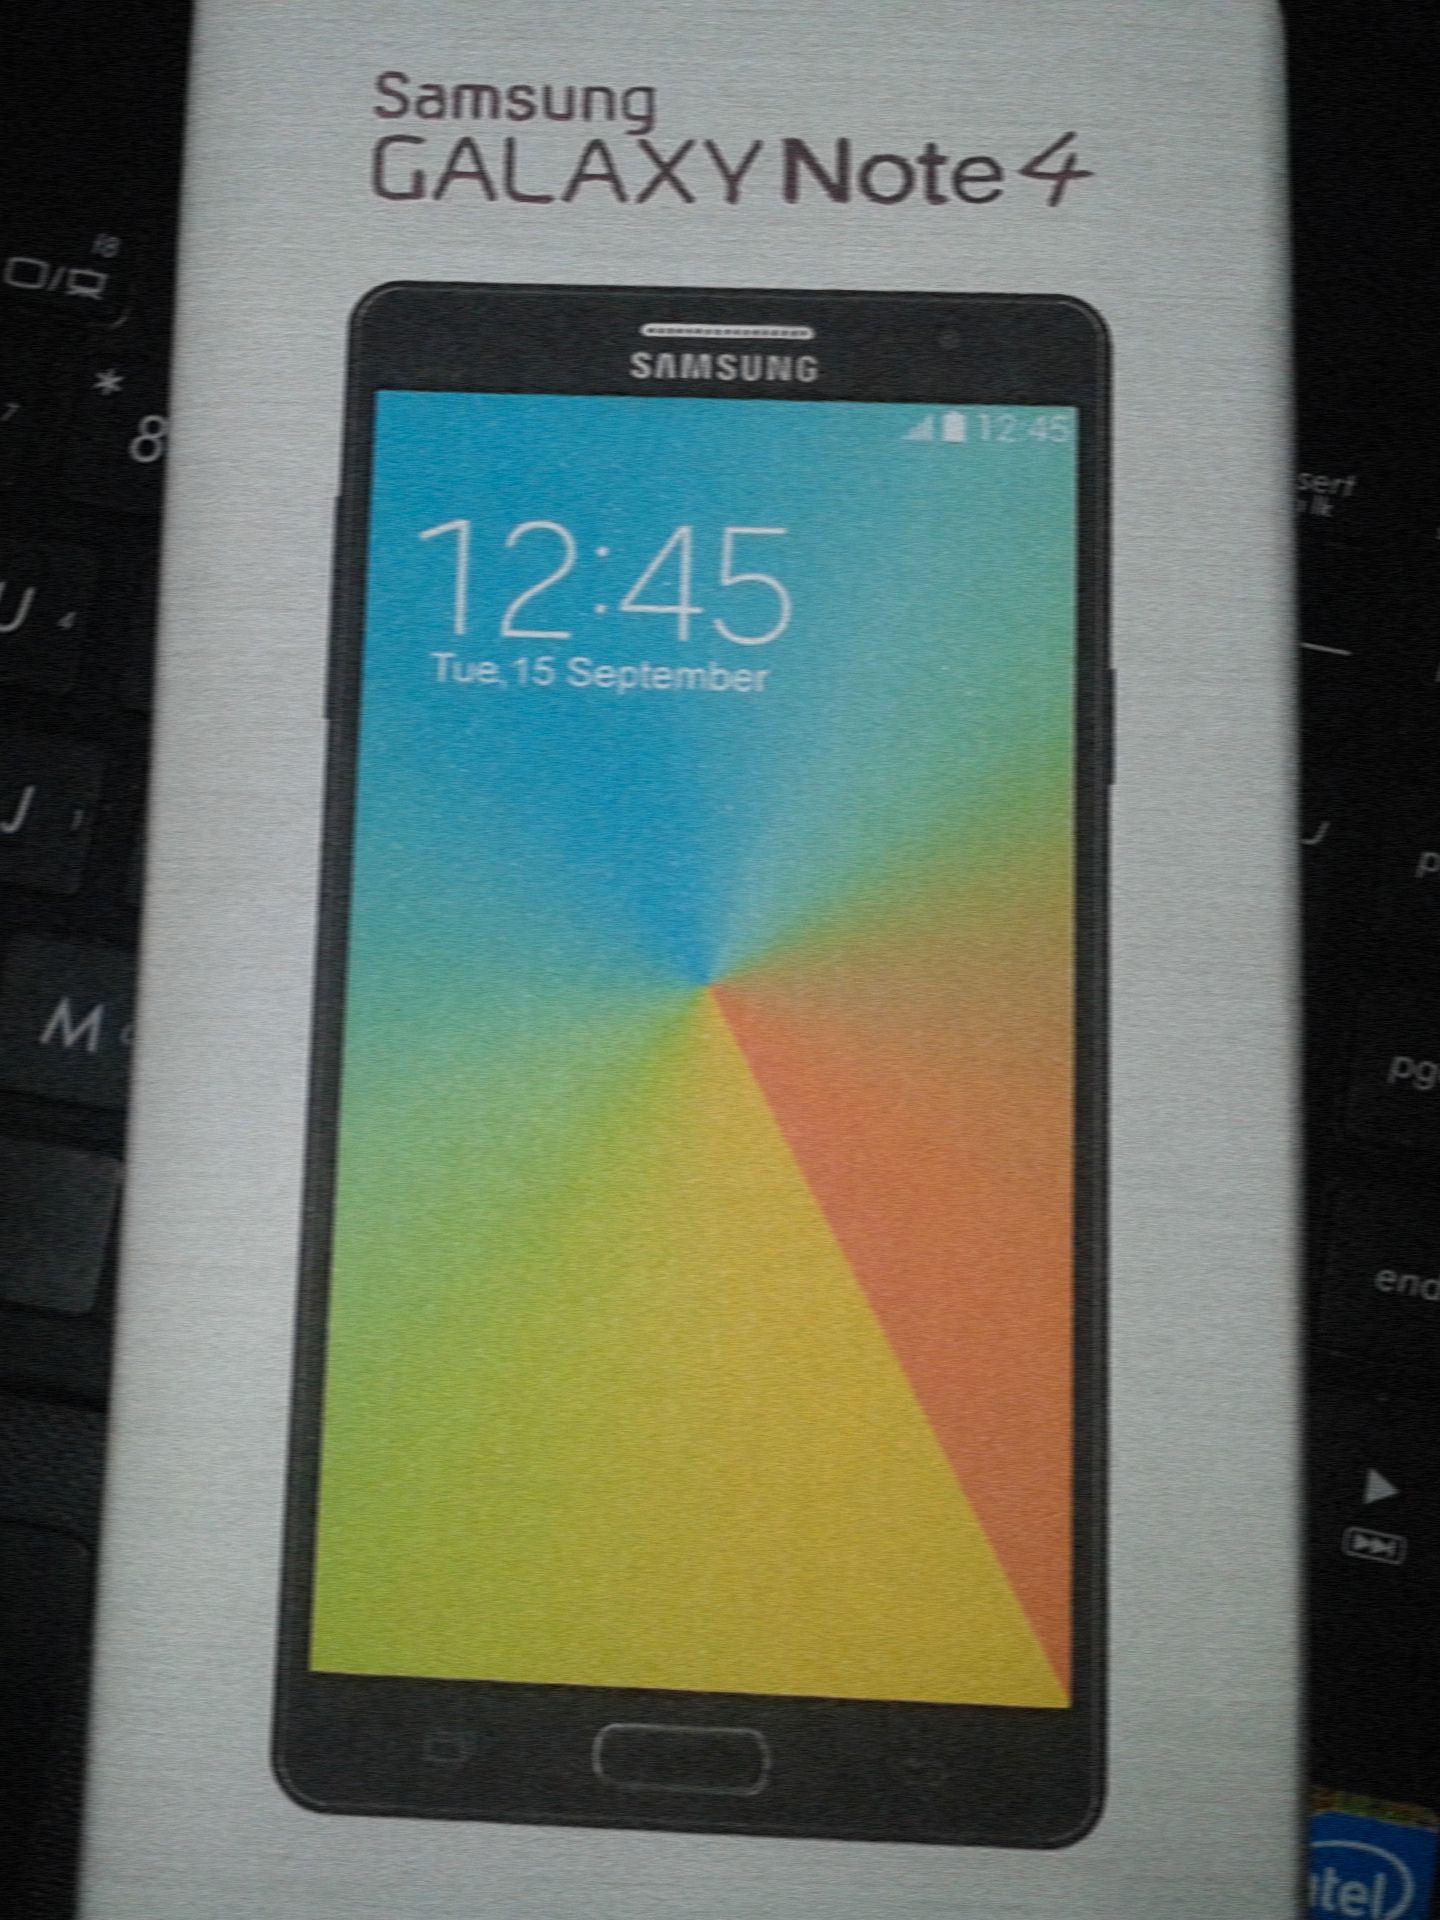 Dette bildet fra Phone Arena viser det som skal være emballasjen til Galaxy Note 4.Foto: Phone Arena